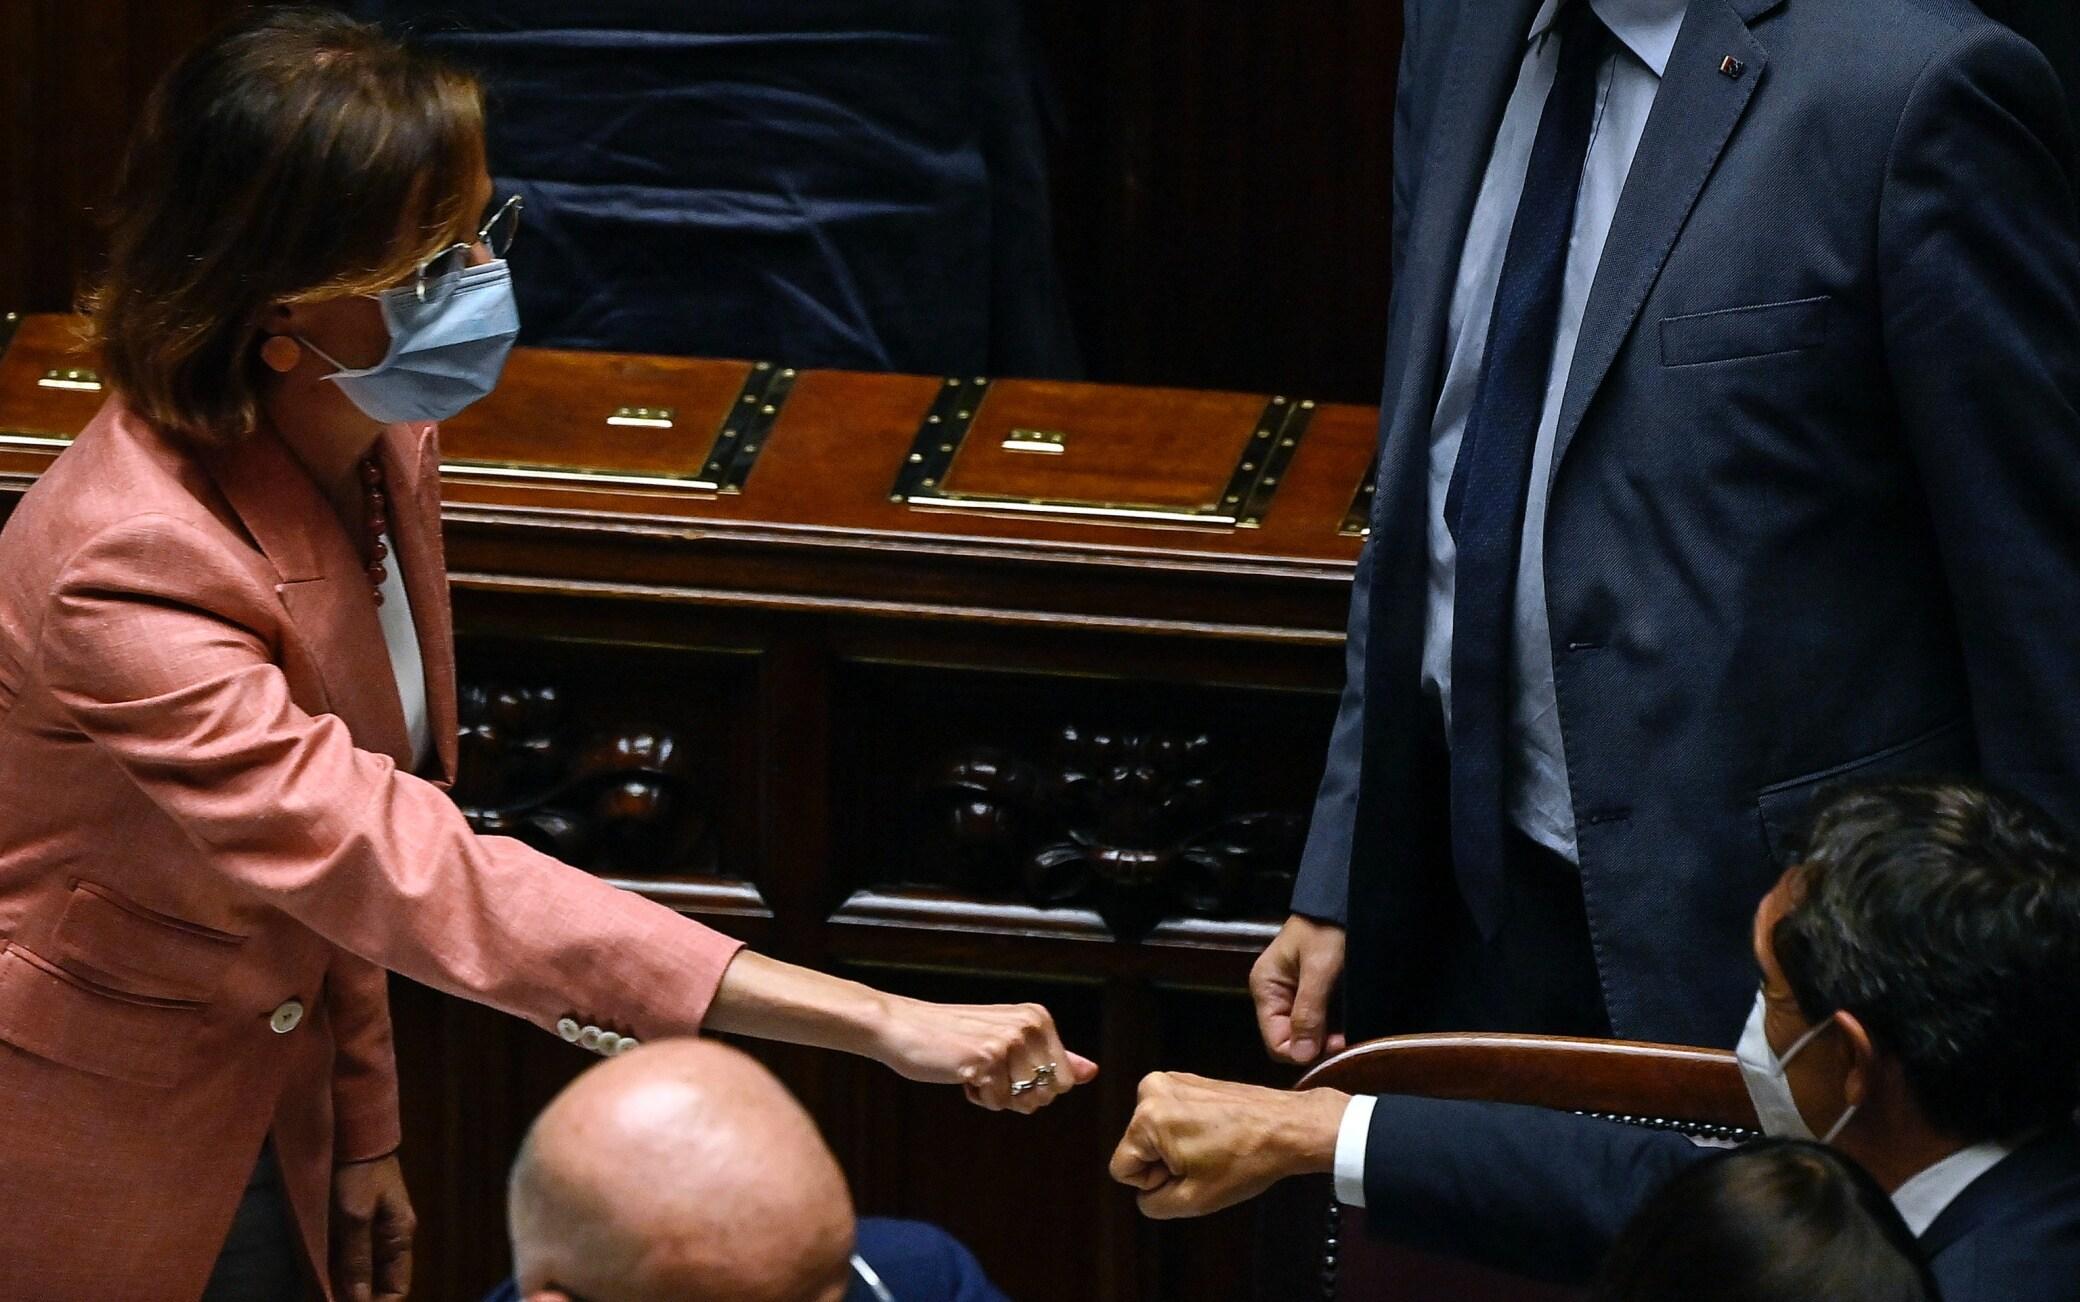 Il ministro della Giustizia, Marta Cartabia, riceve le congratulazioni dai colleghi dopo il voto finale alla Camera dei Deputati sulla riforma della giustizia, Roma, 3 agosto 2021. ANSA/RICCARDO ANTIMIANI